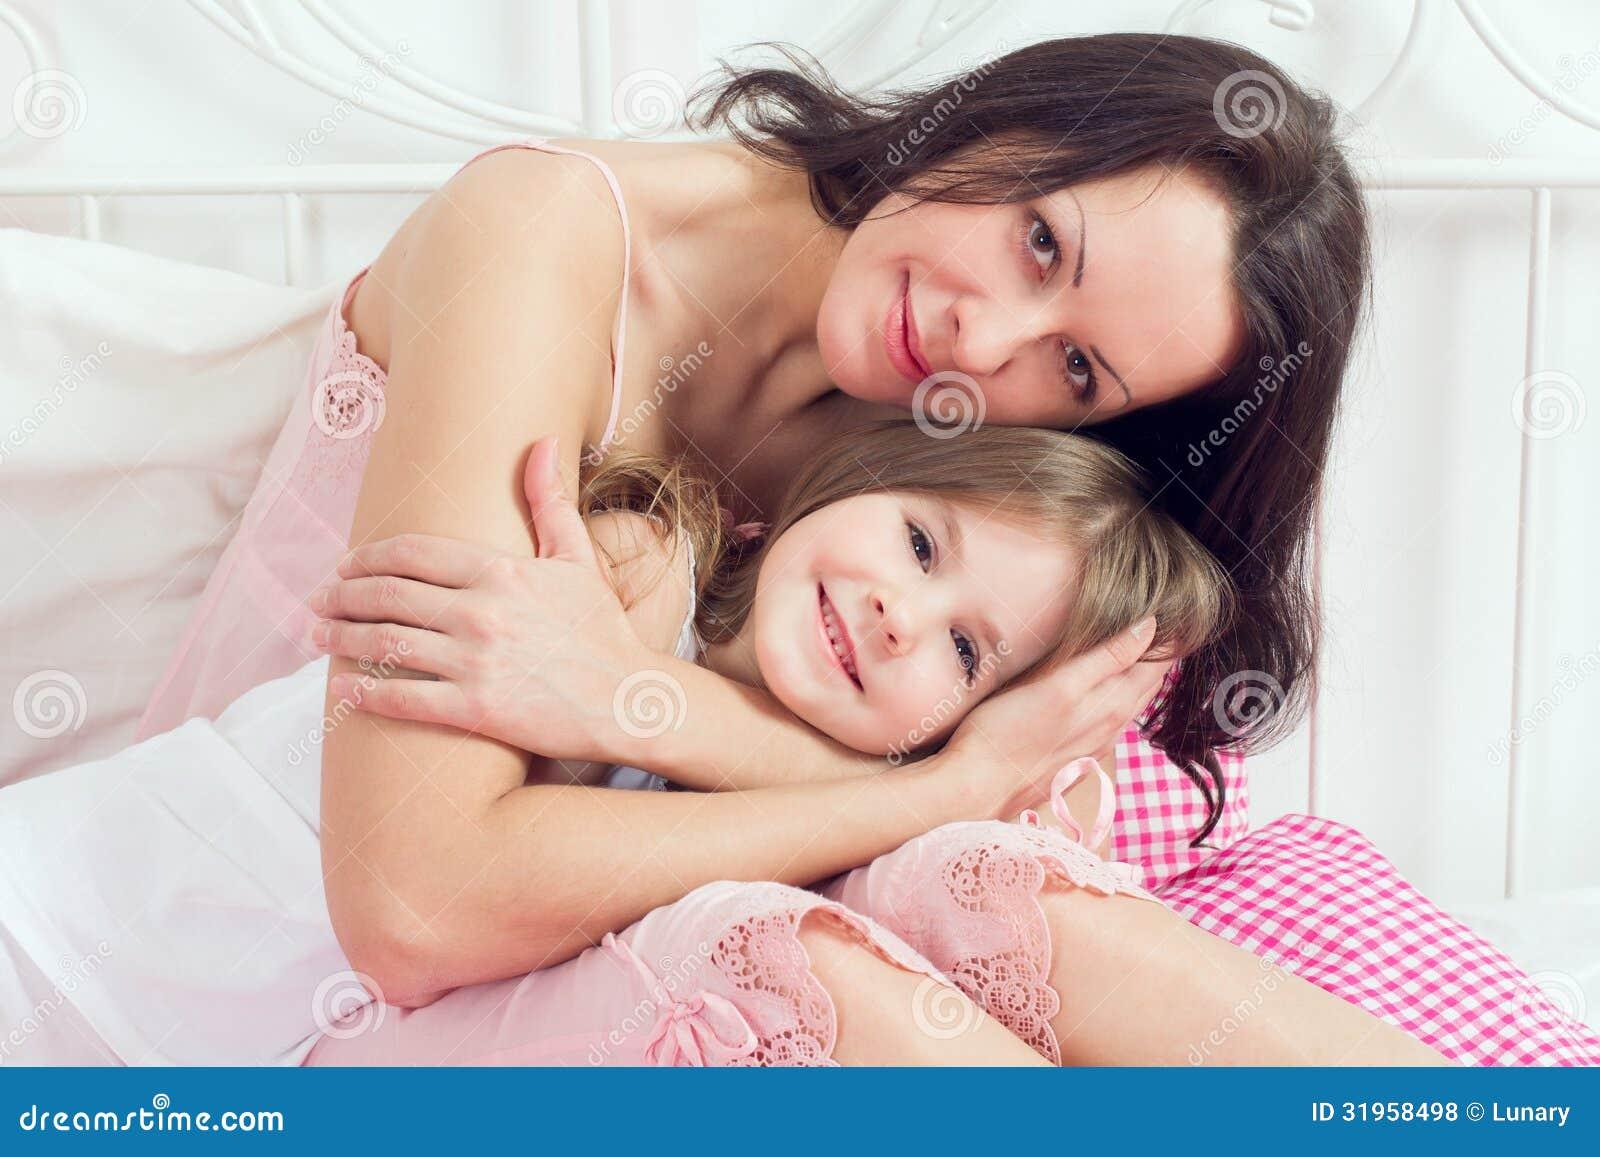 Трахнул старшую дочку, Отец трахнул дочь в красивом видео hd 720 25 фотография